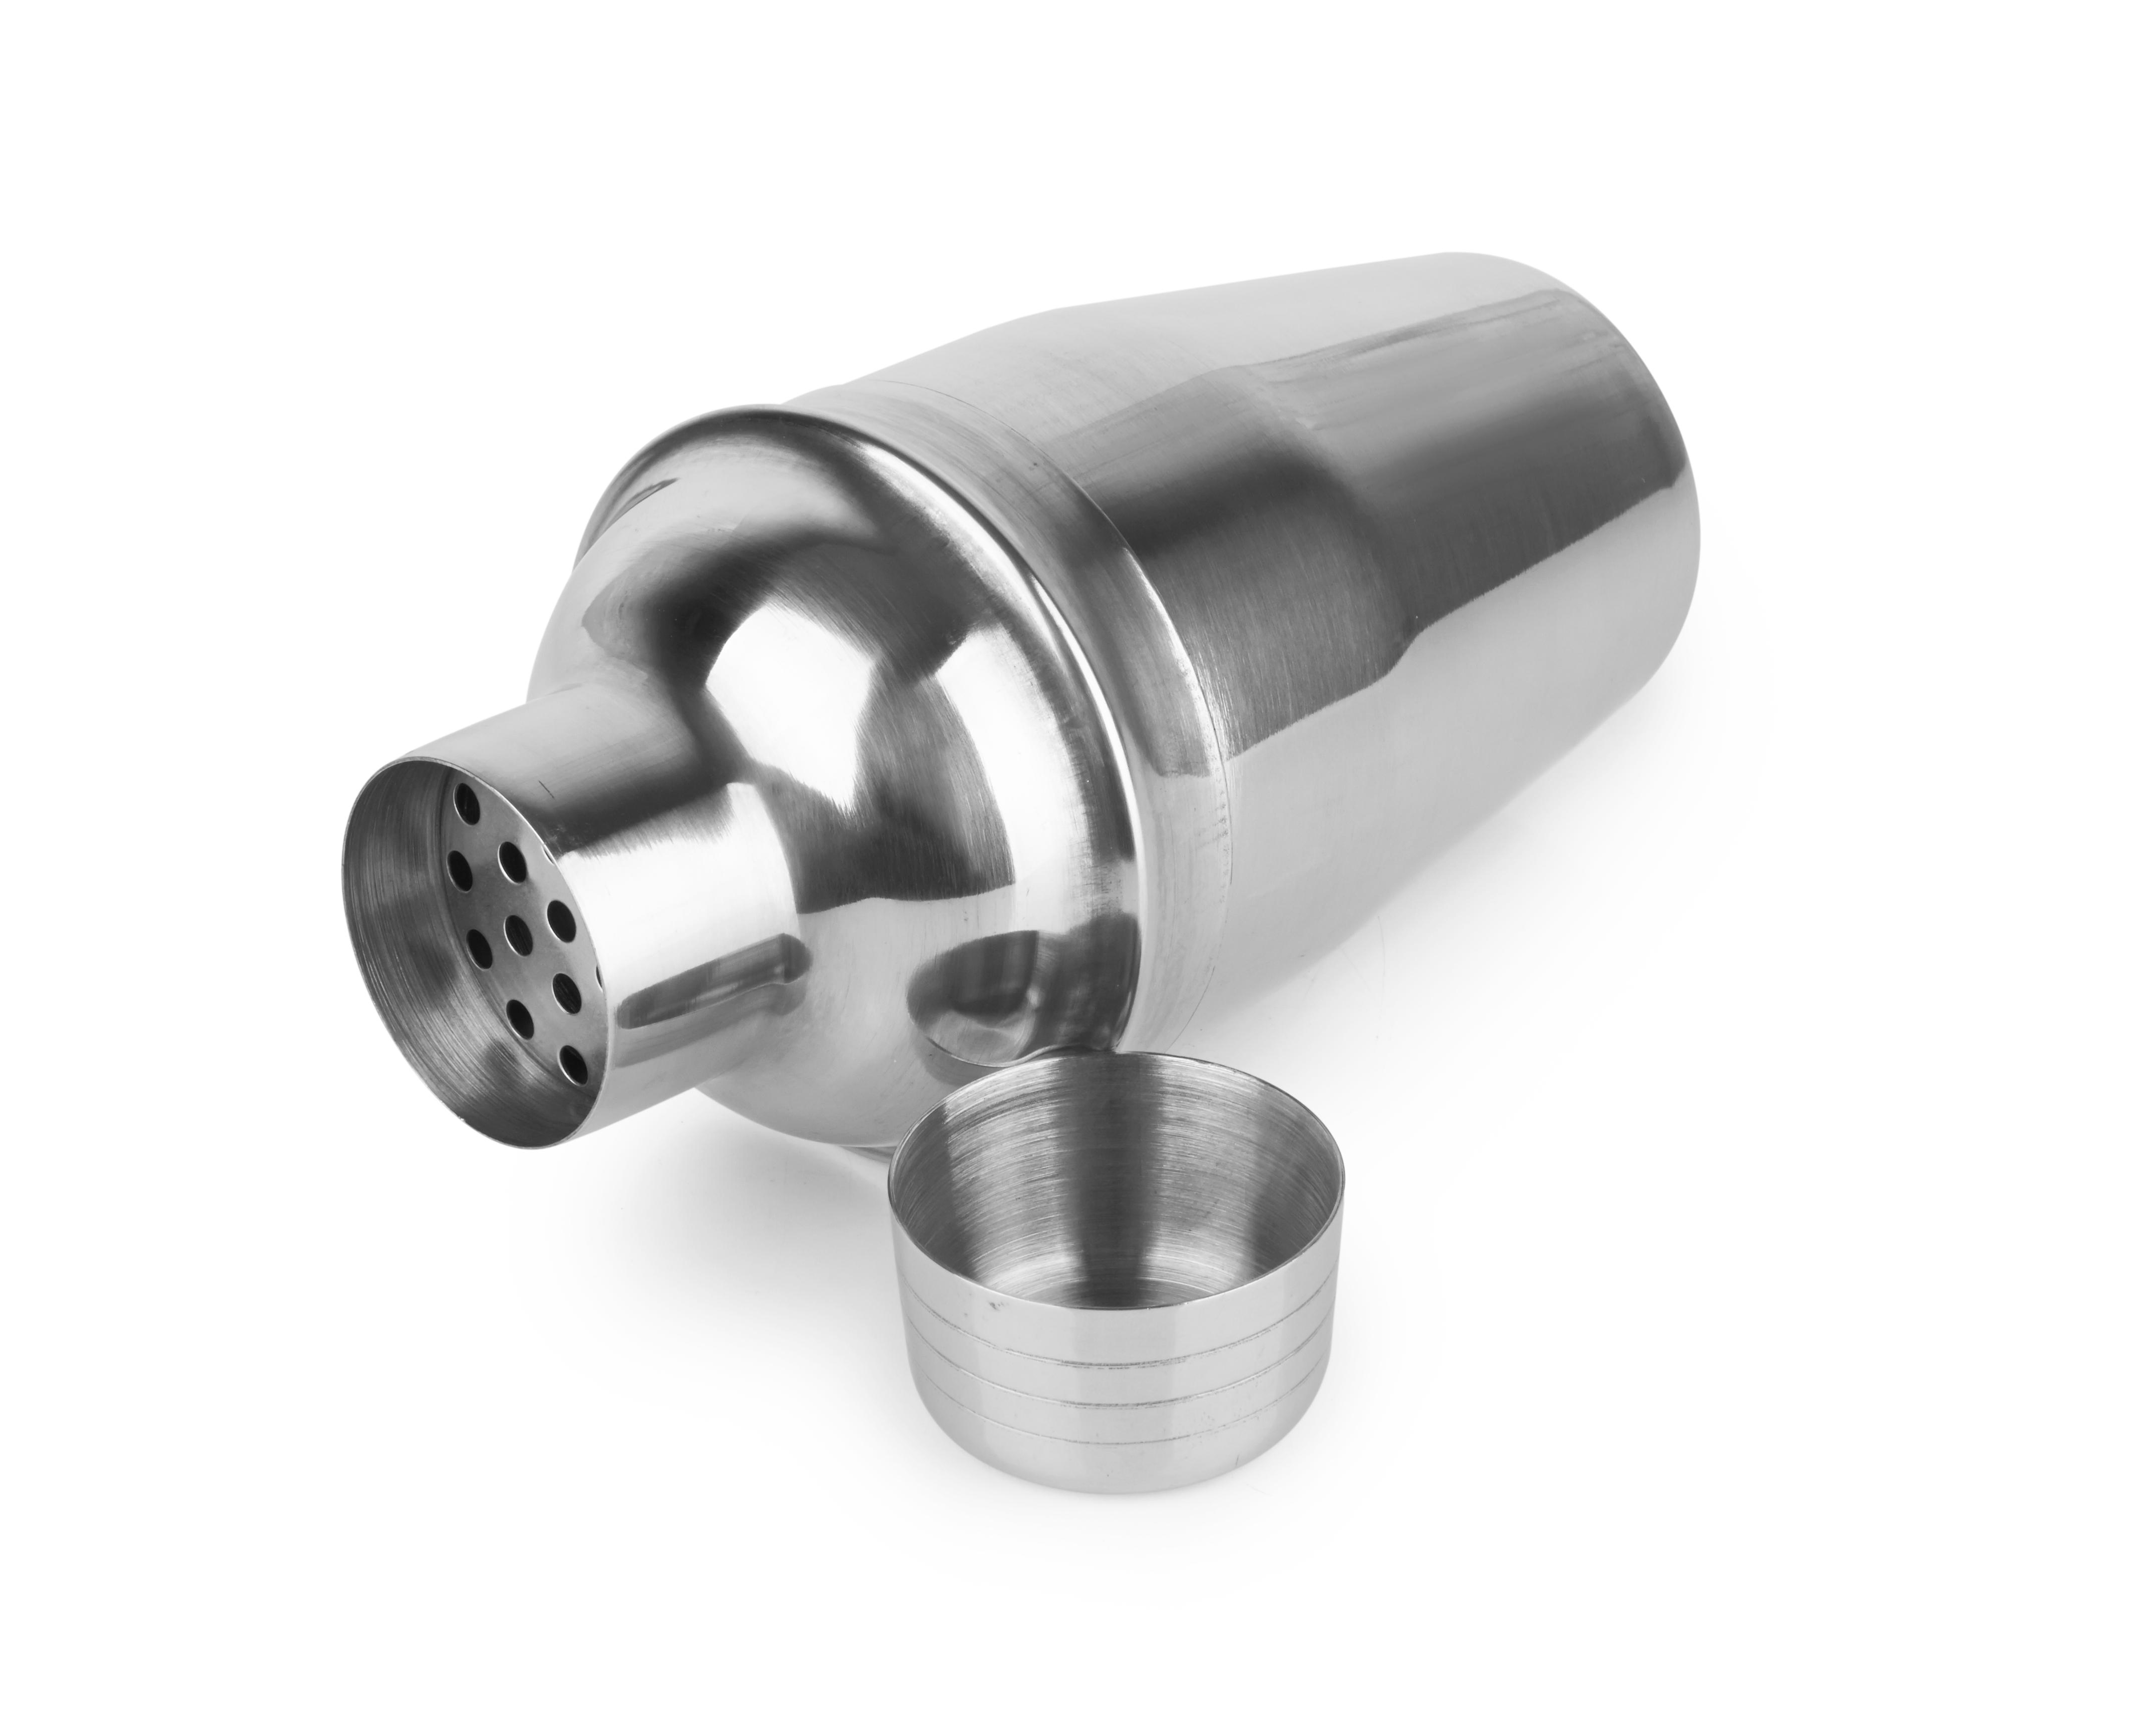 bar-shaker-on-white-DUP9V3Y